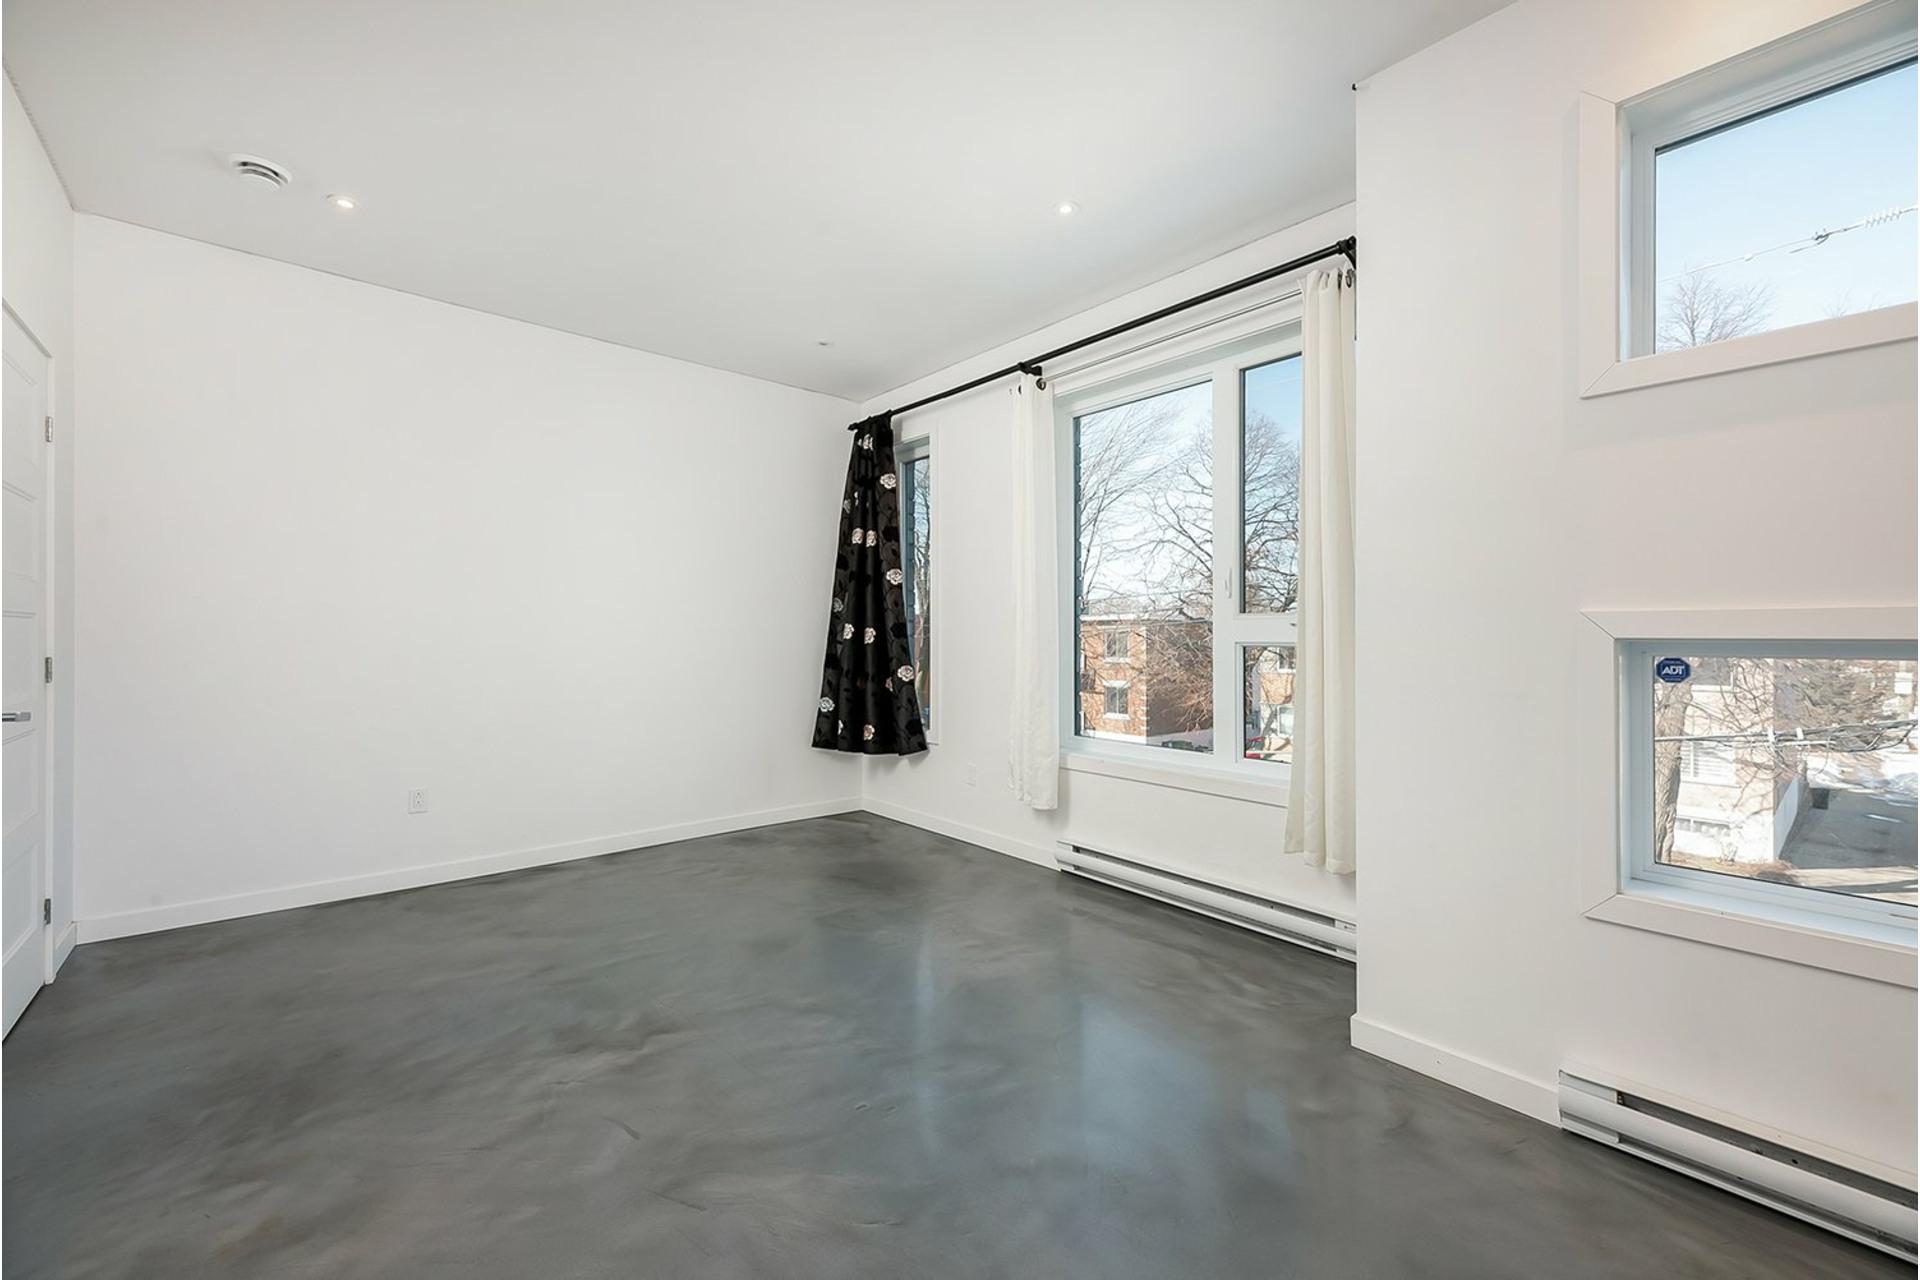 image 16 - Triplex For sale Mercier/Hochelaga-Maisonneuve Montréal  - 4 rooms